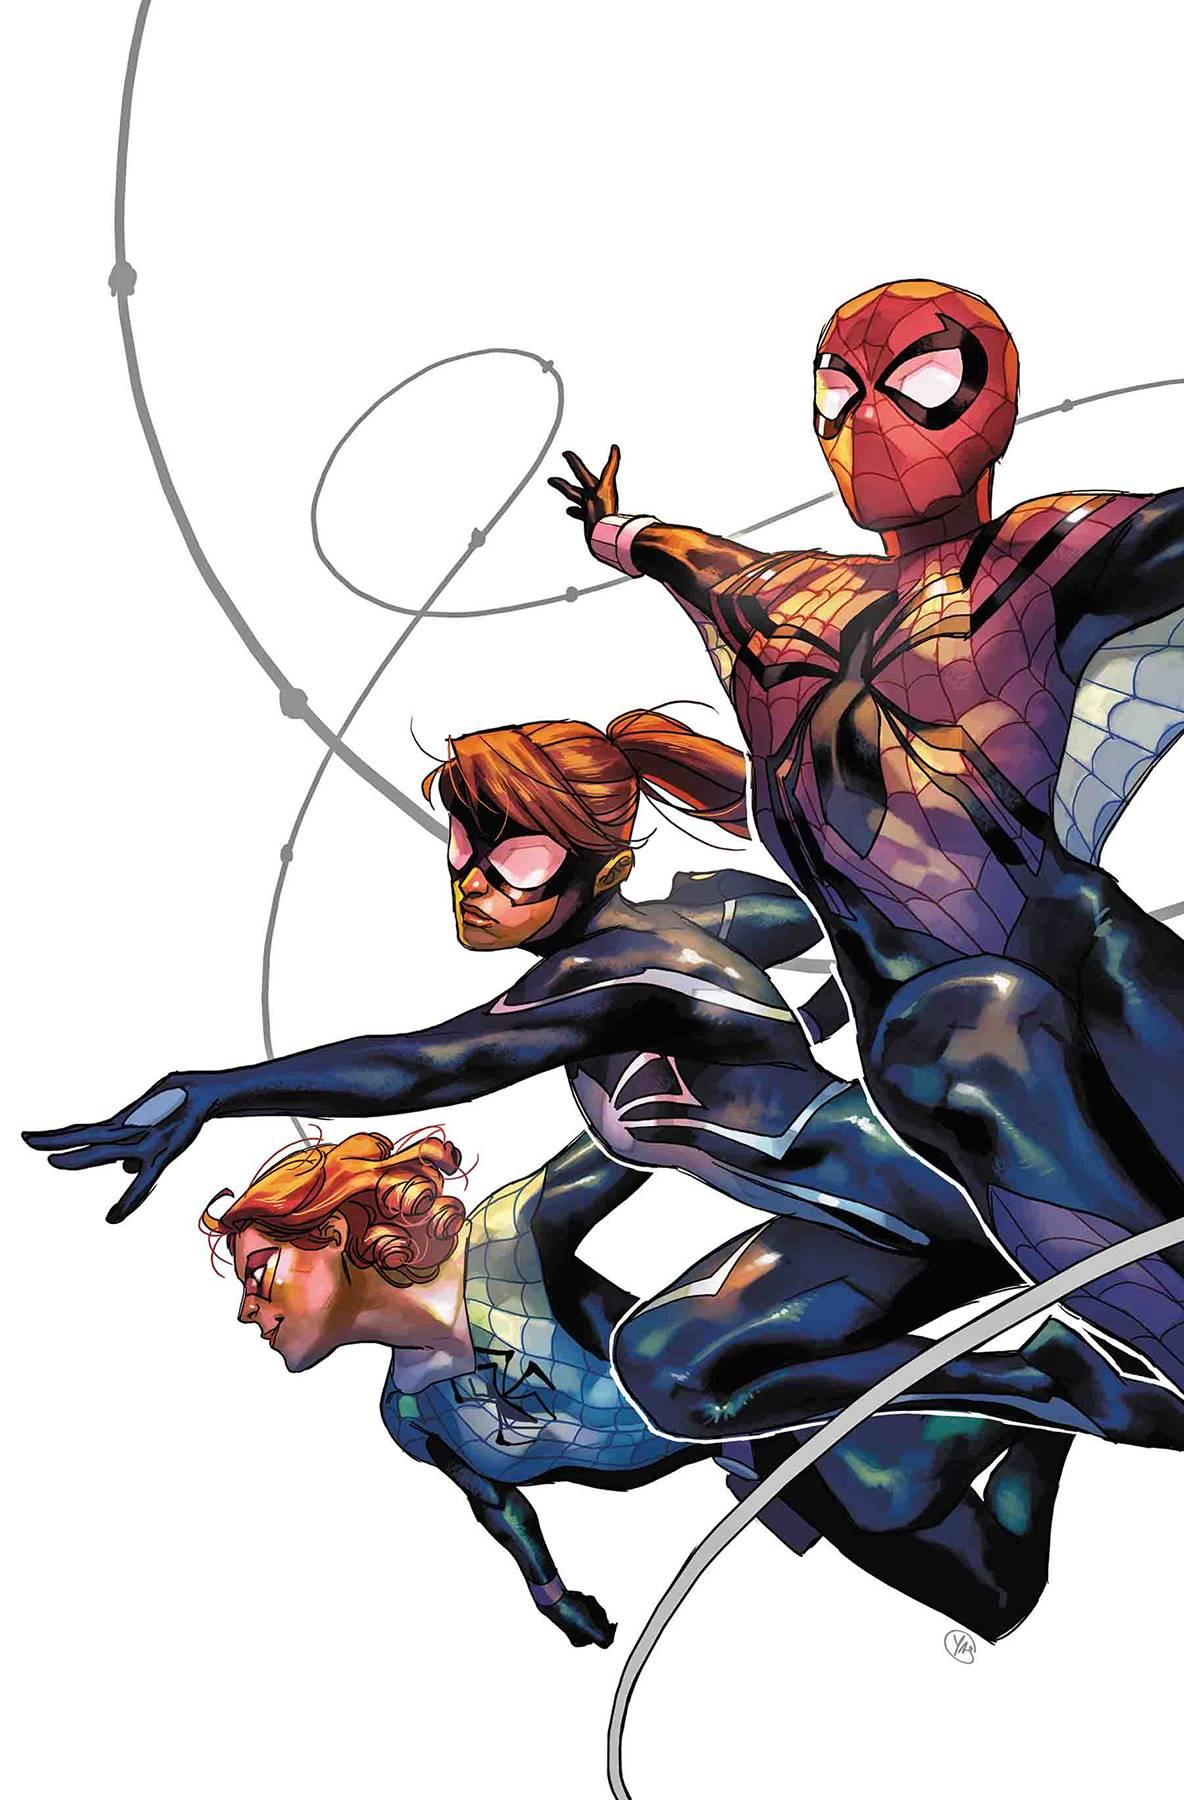 SPIDER-GIRLS #1 (of 3)